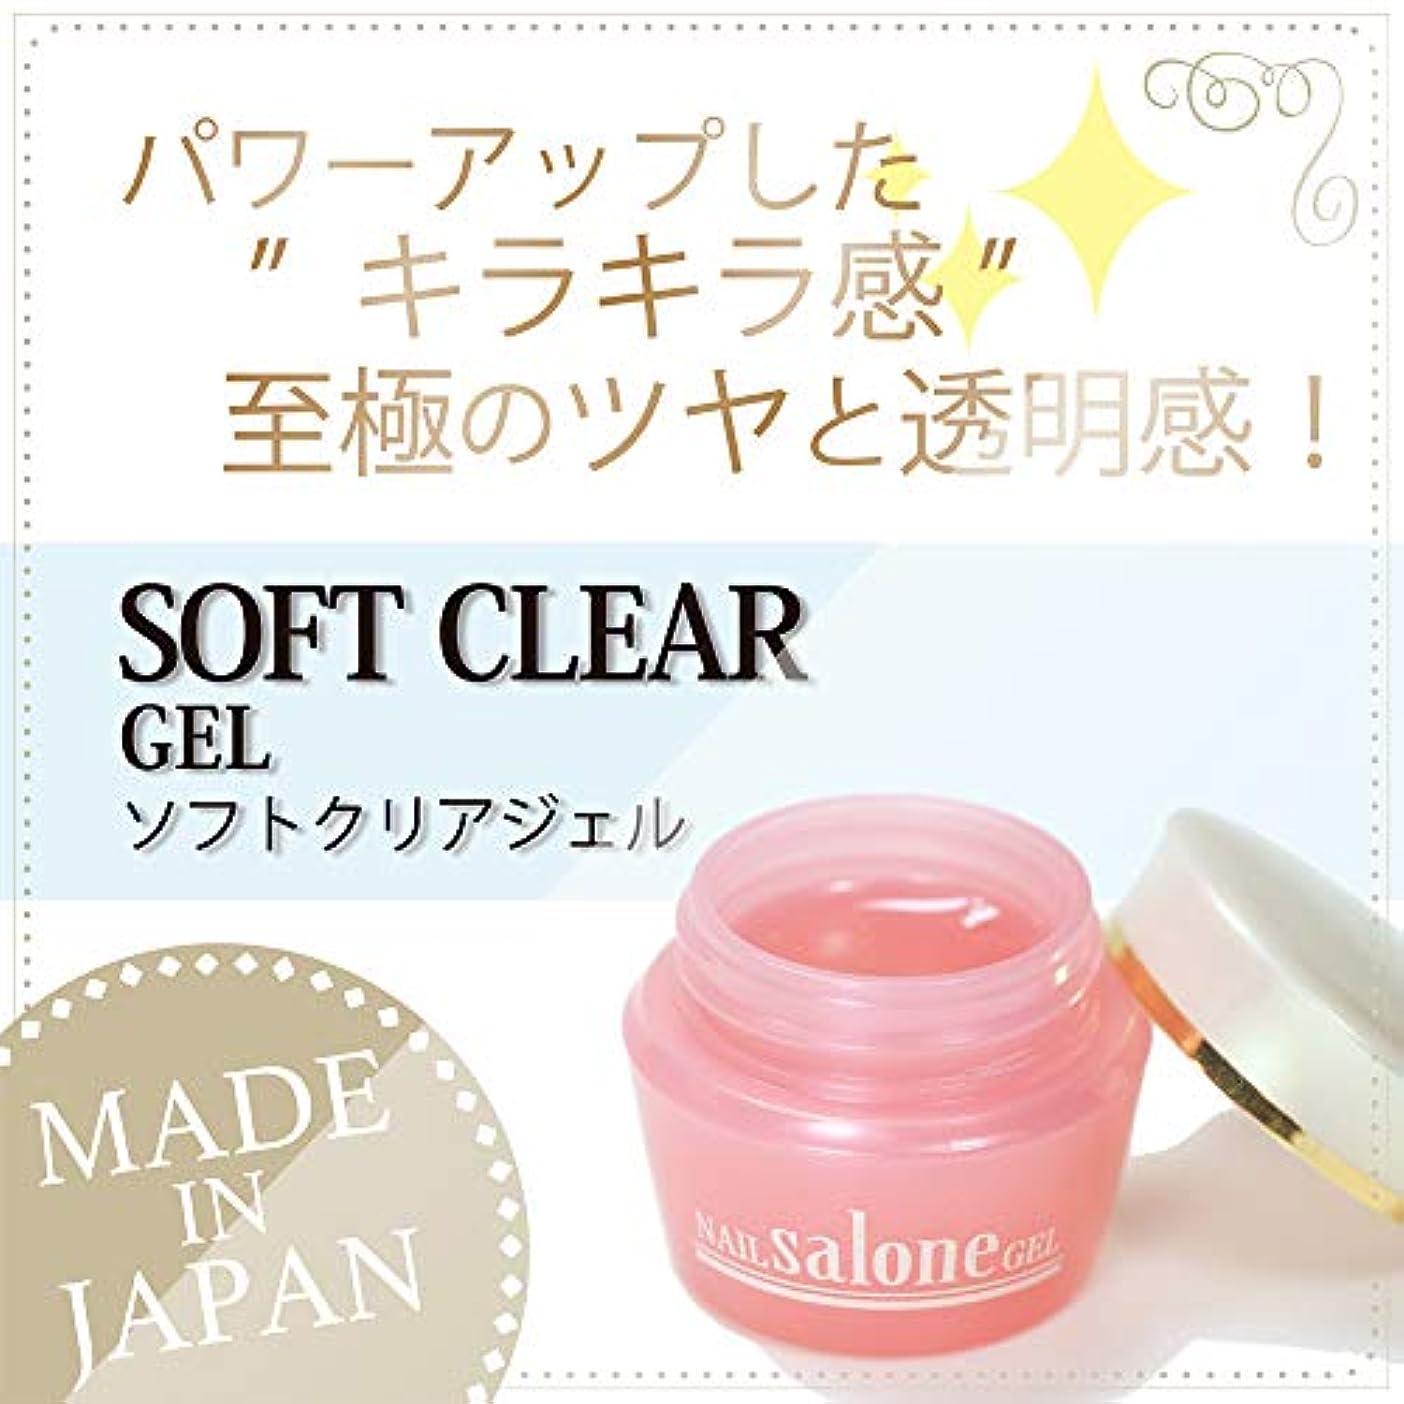 チーム操作可能連帯Salone gel サローネ ソフトクリアージェル ツヤツヤ キラキラ感持続 抜群のツヤ 爪に優しい日本製 3g